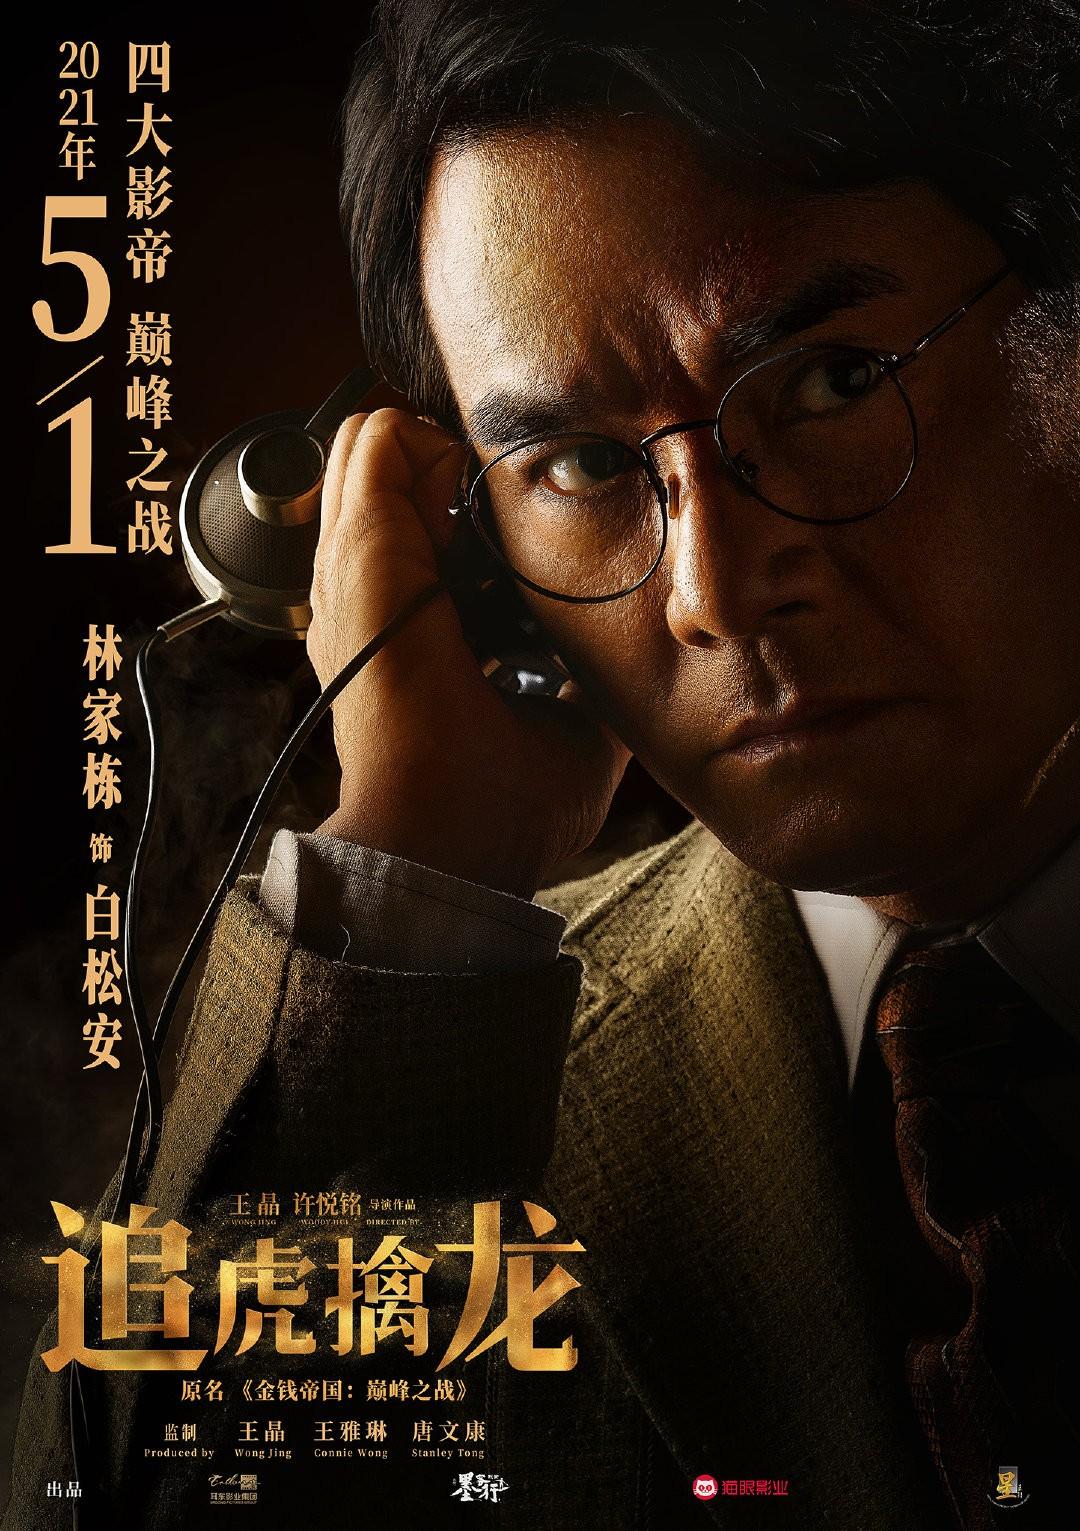 《追虎擒龙》定档5月1日 古天乐梁家辉吴镇宇主演